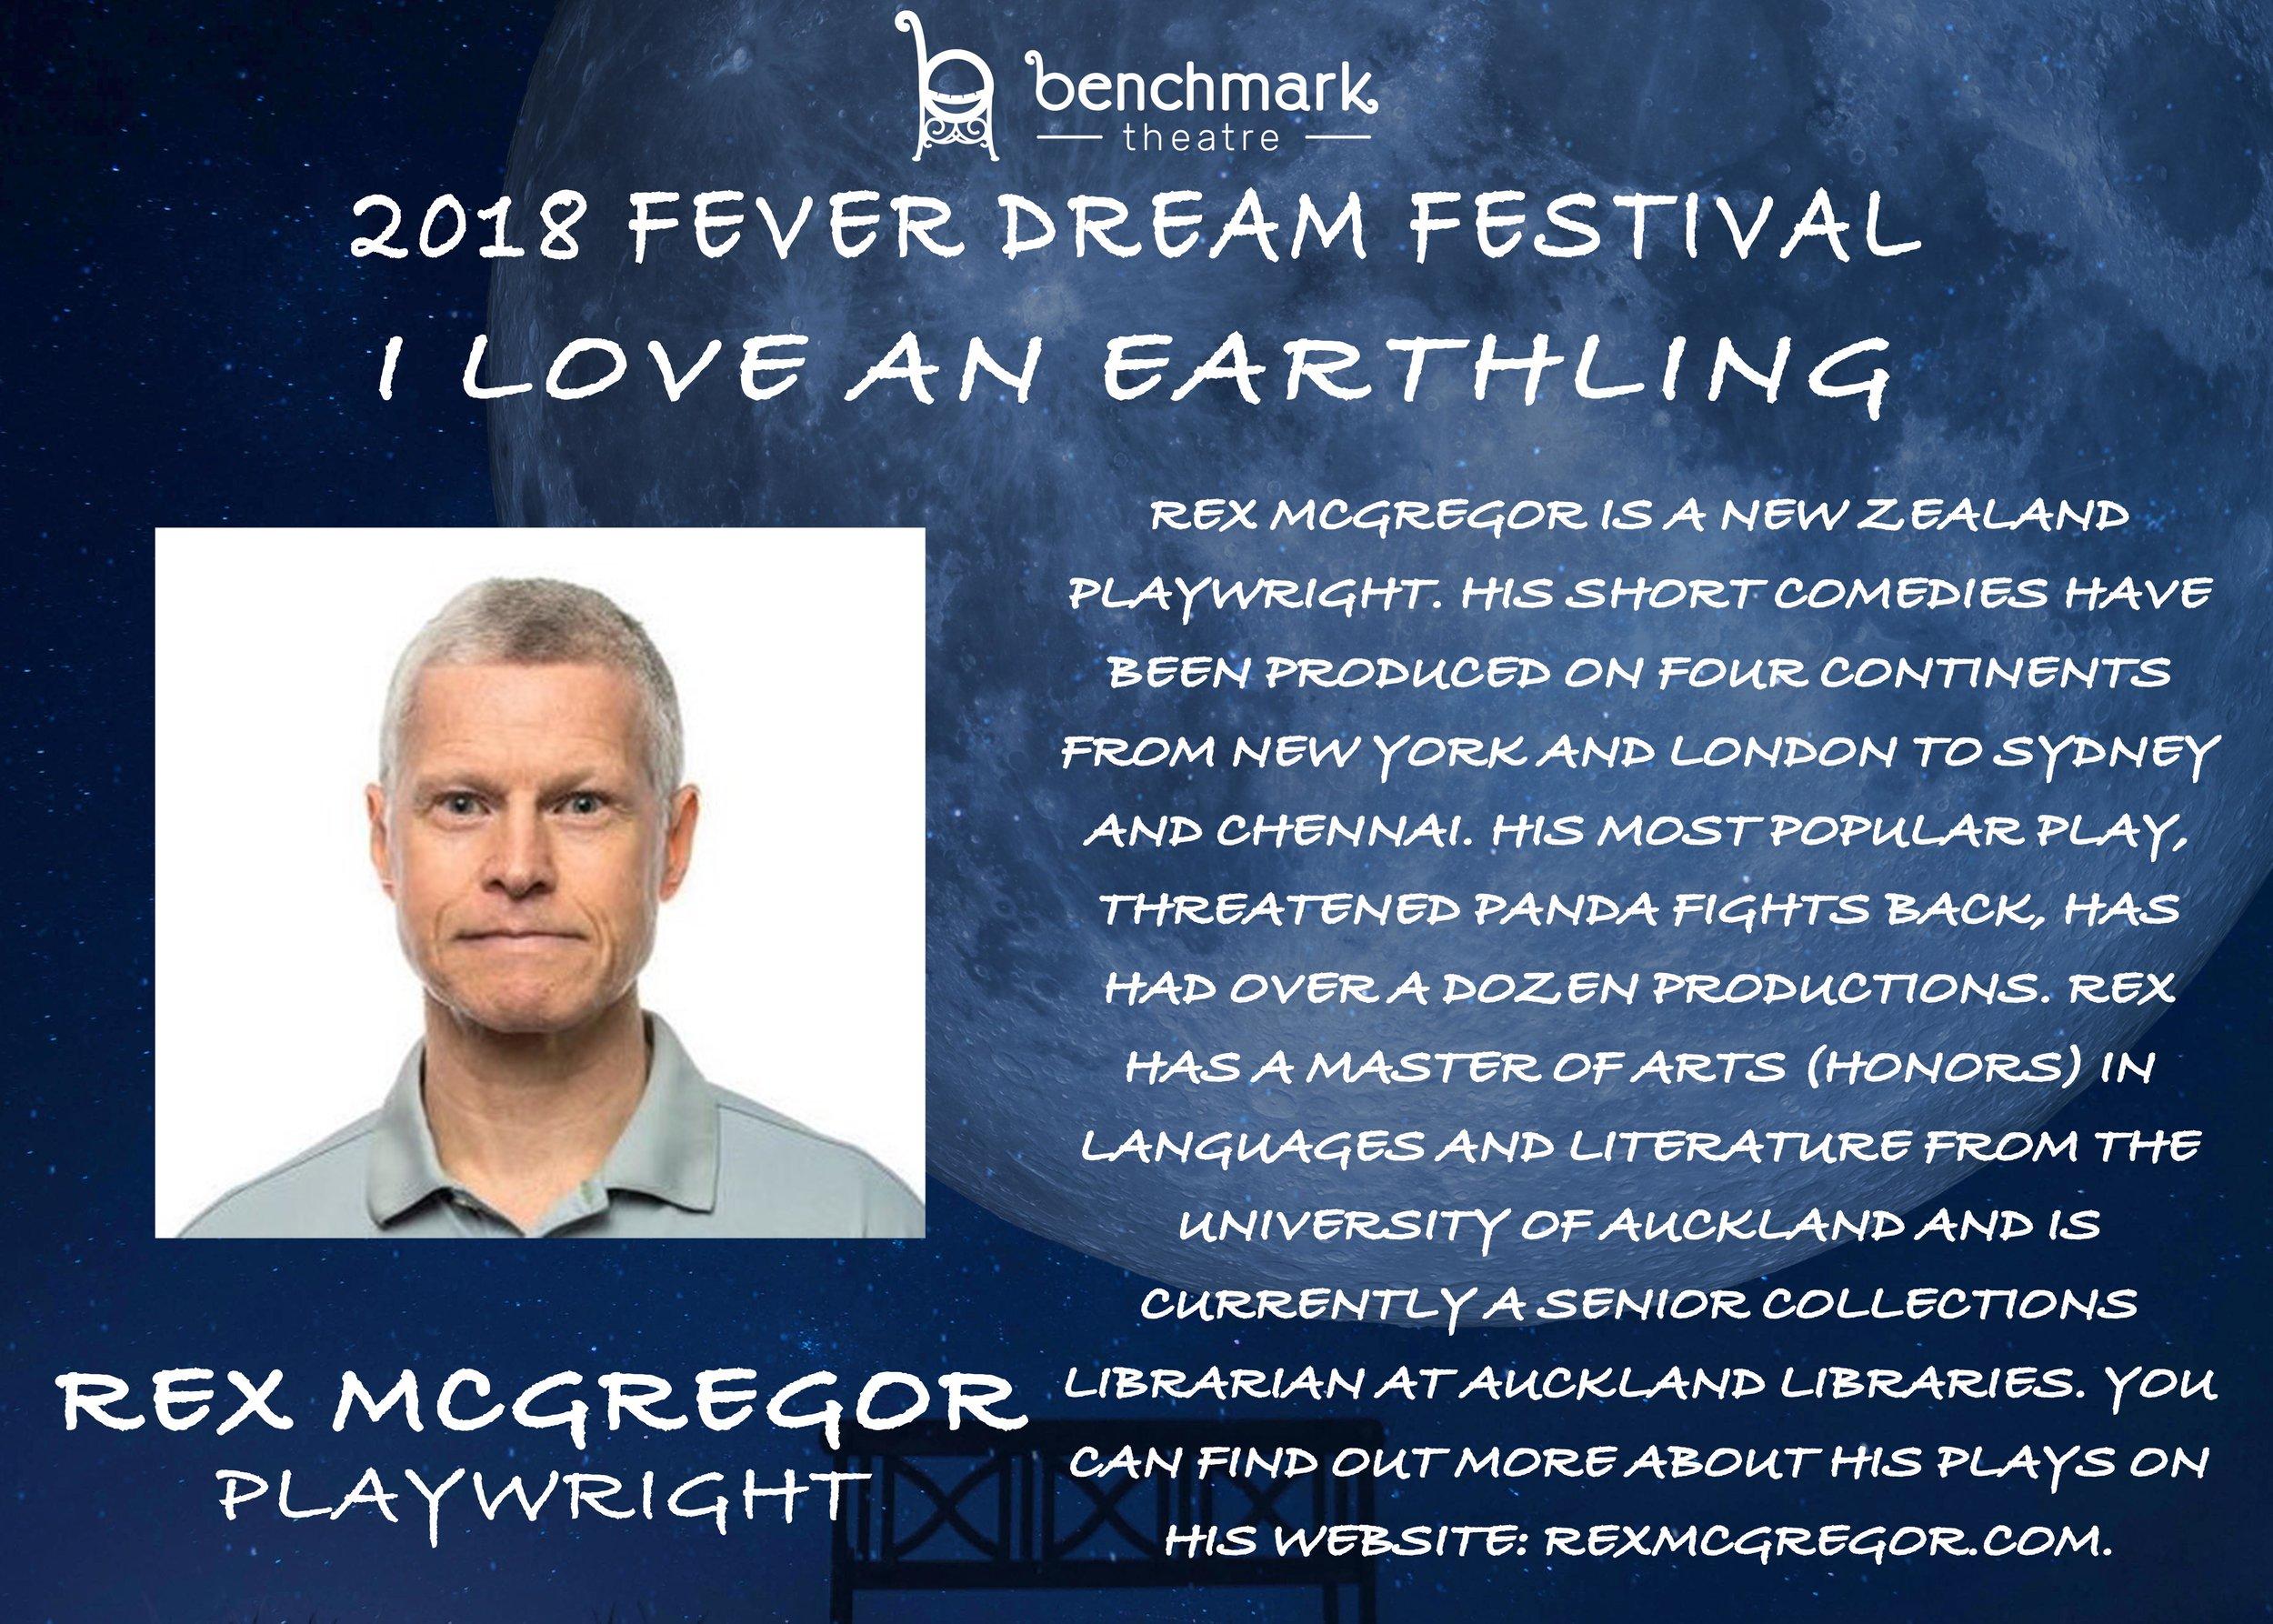 2018 FDF Digital Program Earthling.jpg